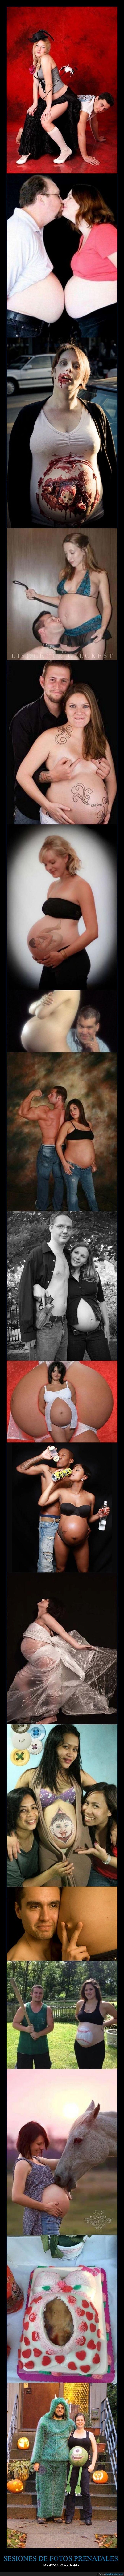 embarazadas,fotos,prenatales